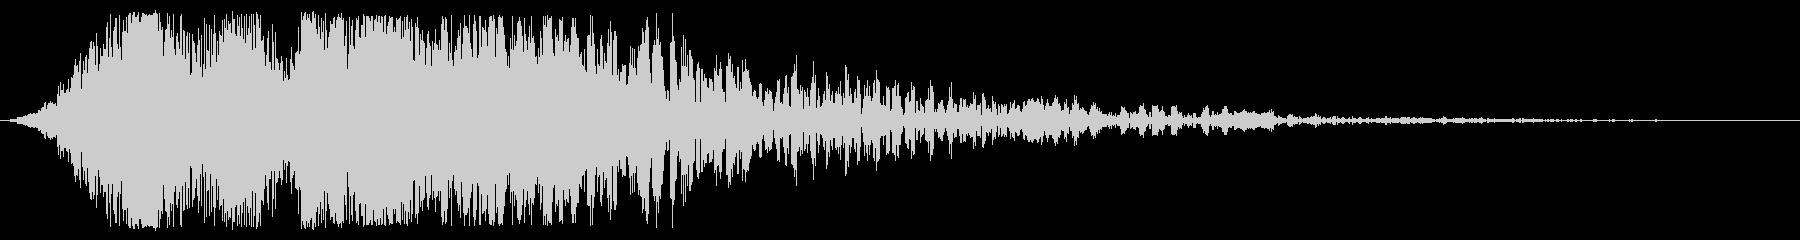 ホイップワールロアヒットの未再生の波形